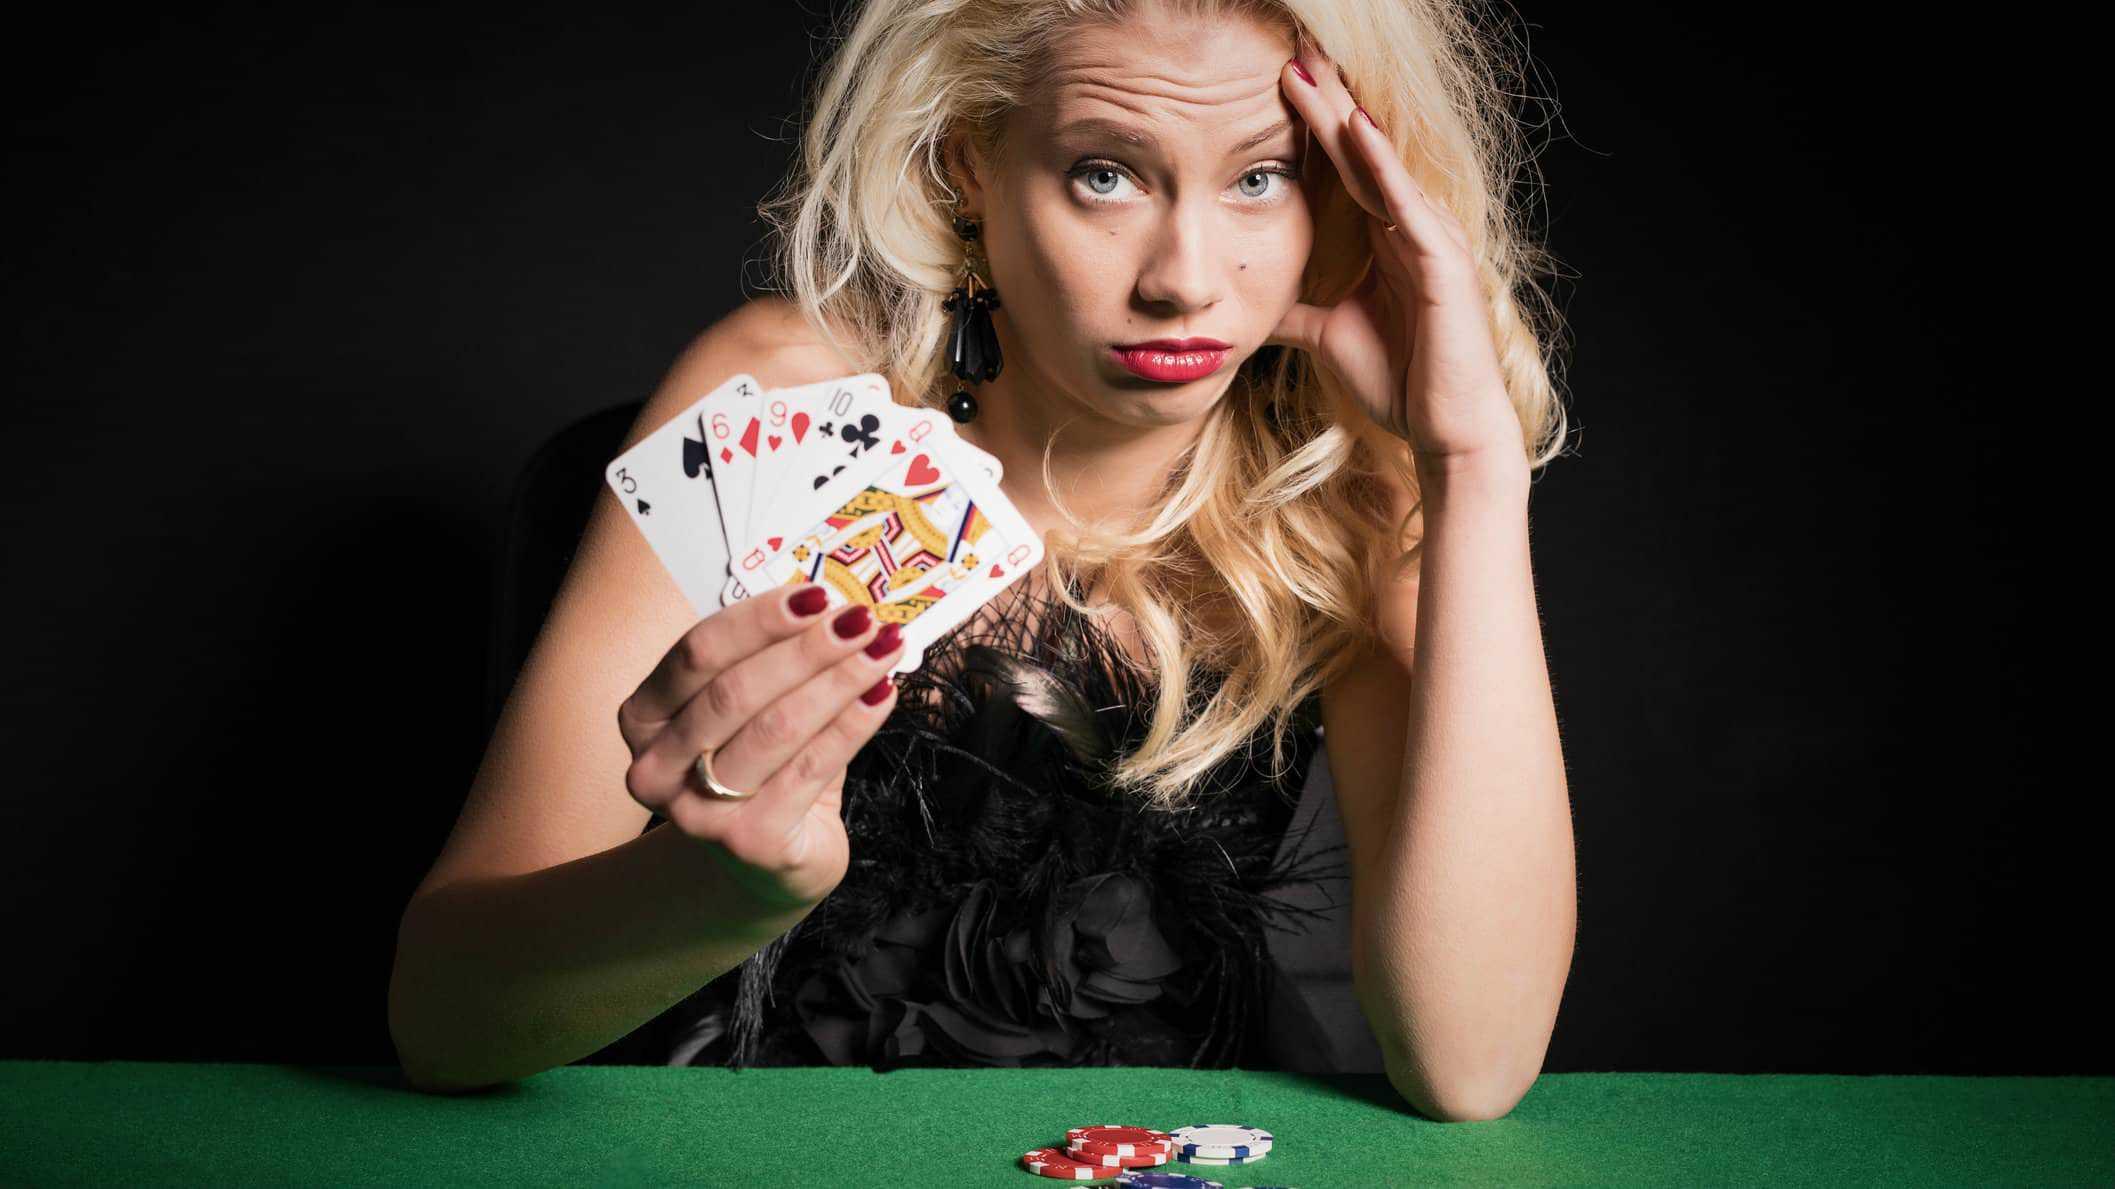 Casino Bad Hand Poker 16.9